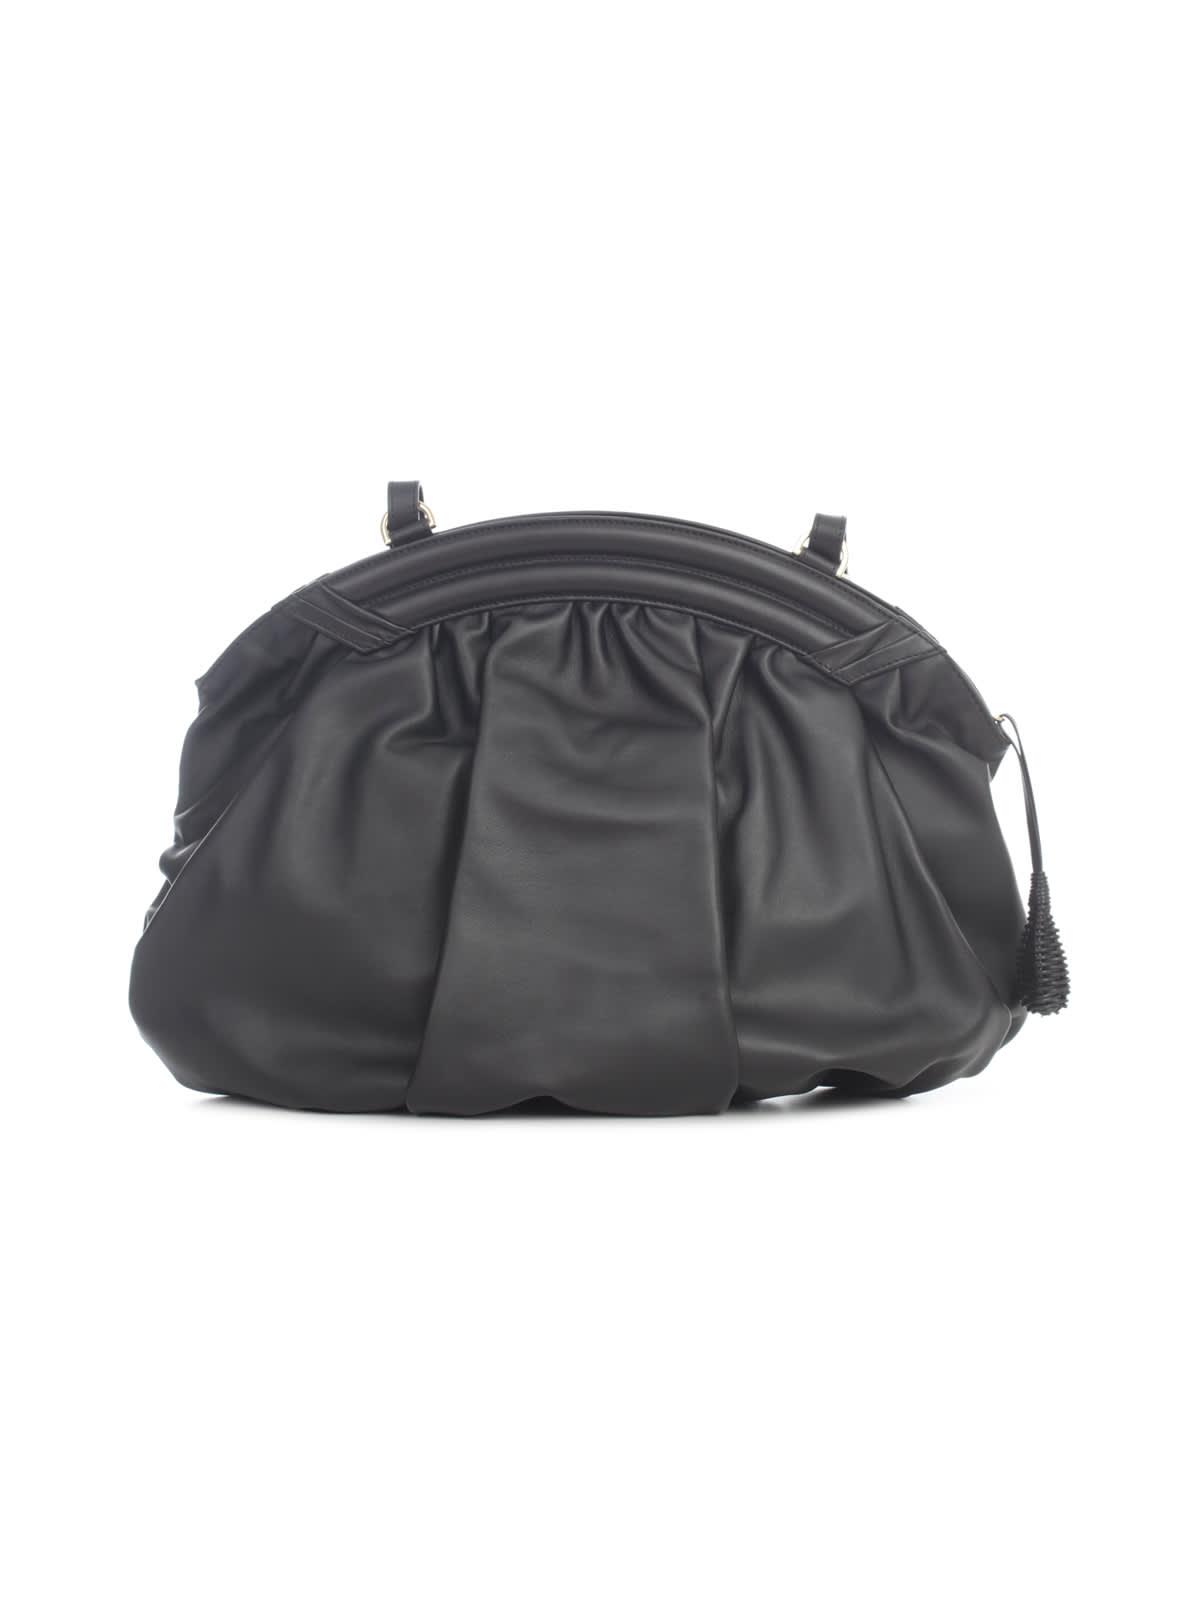 Rodo Maxi Lunch Bag